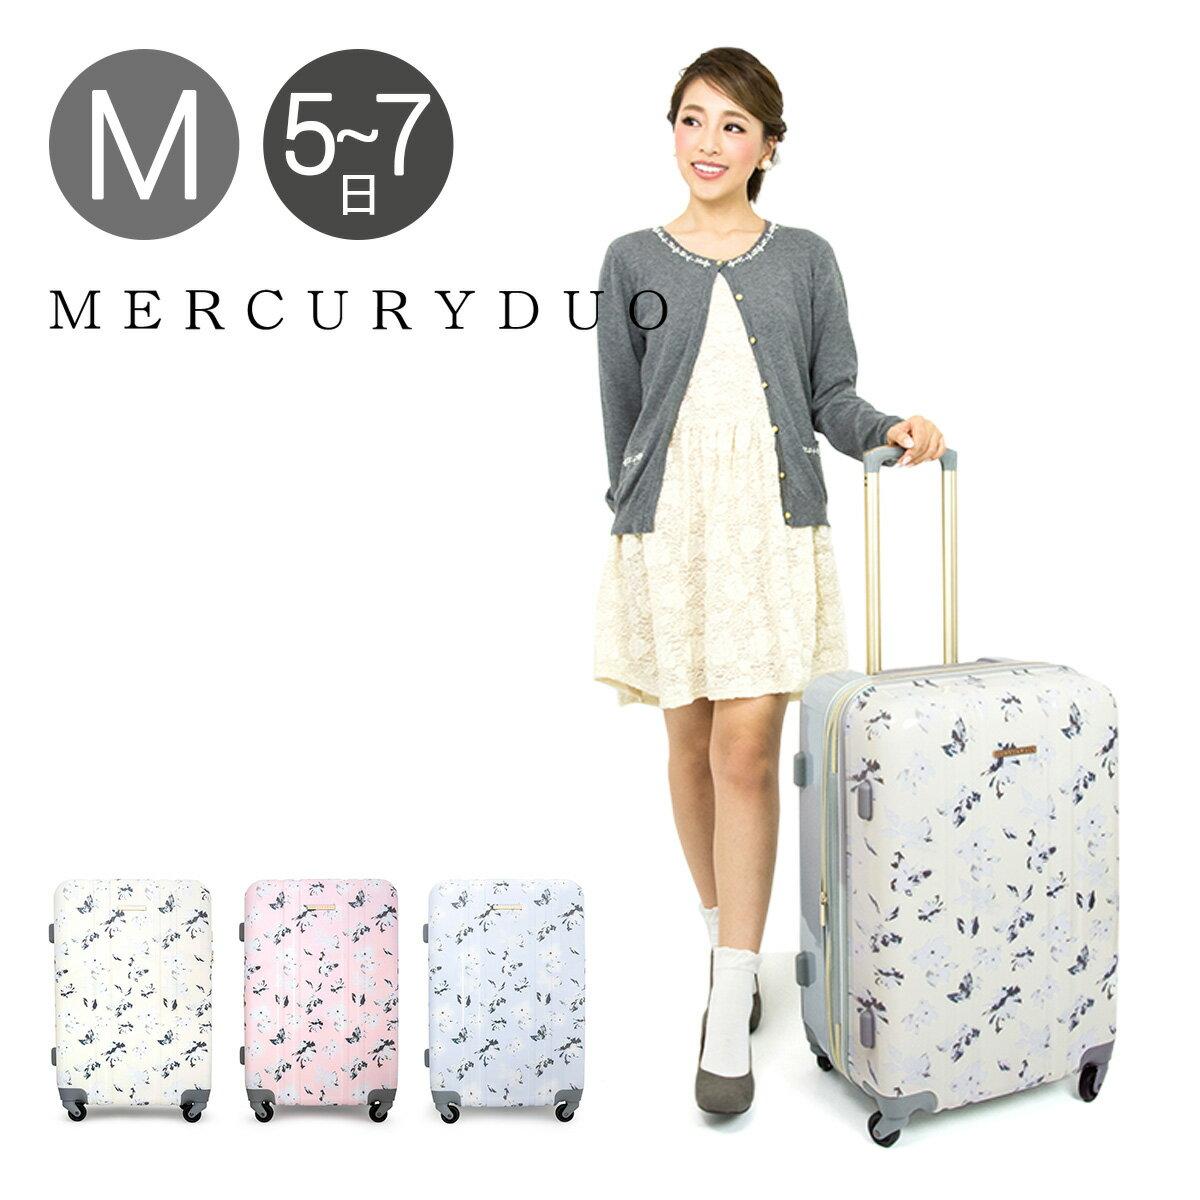 マーキュリーデュオ MERCURYDUO キャリーケース MD-0717-61 61cm 【 スーツケース キャリーカート TSAロック搭載 拡張式 レディース 】【即日発送】